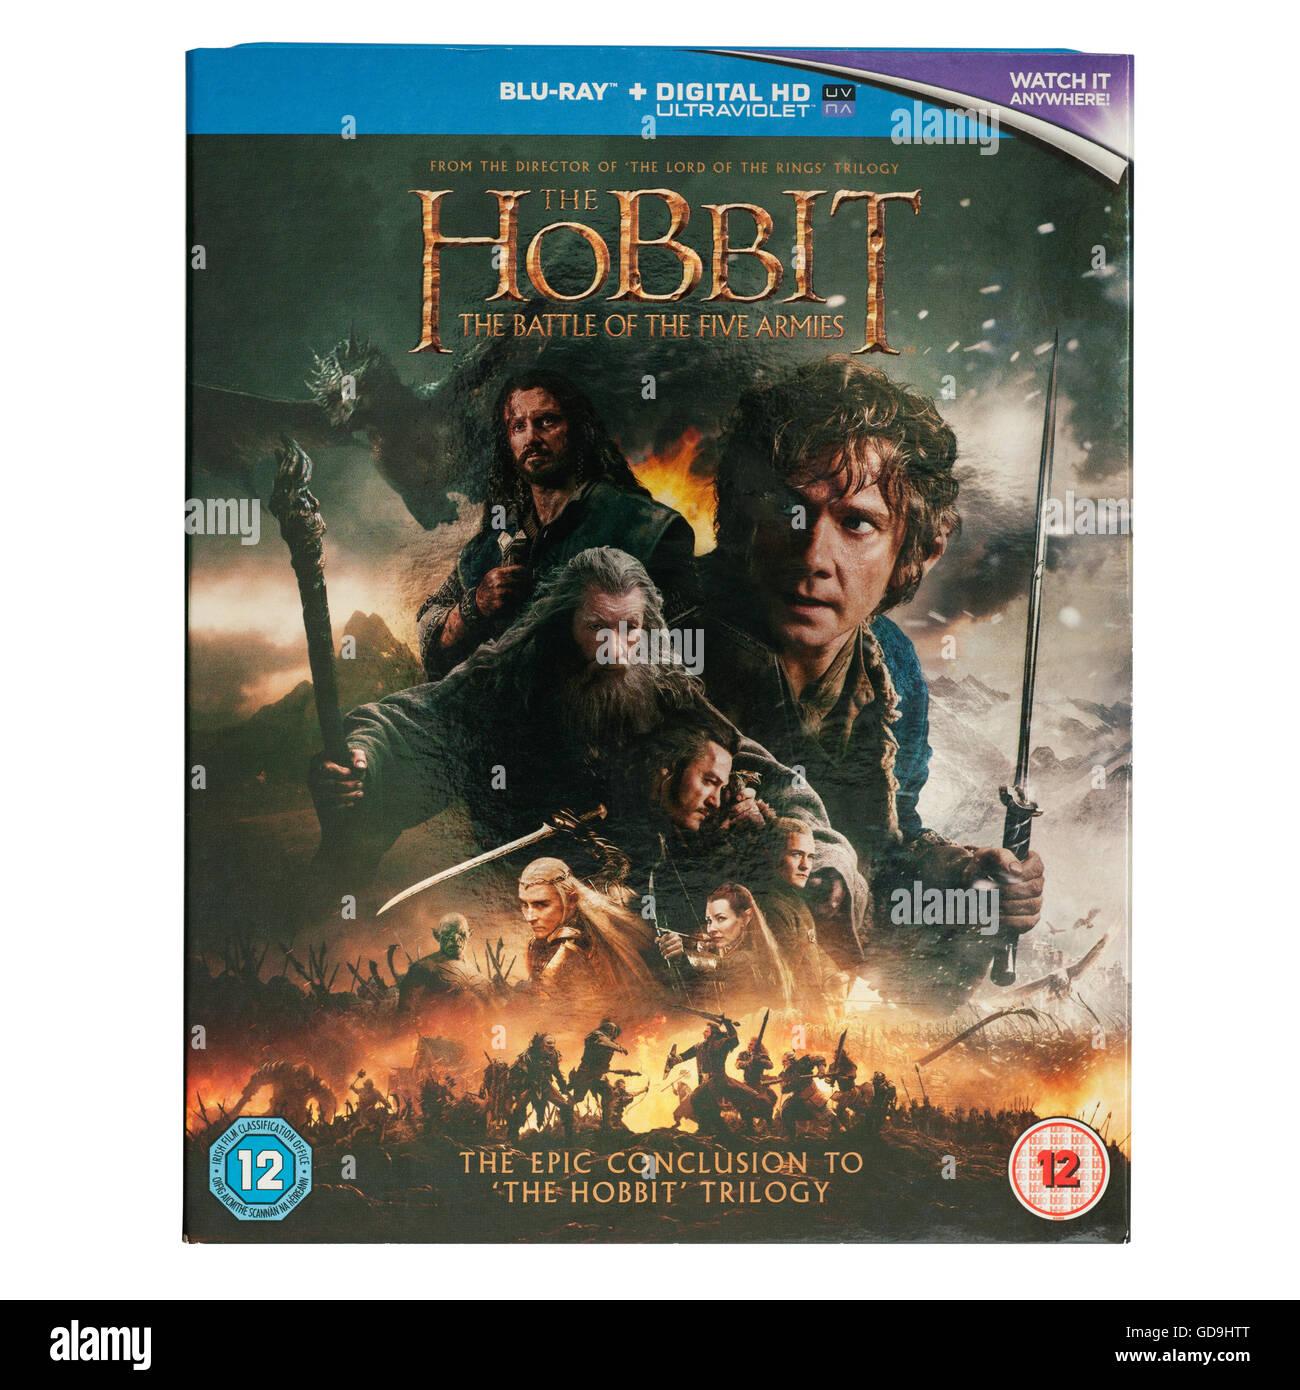 The Hobbit Blu-Ray DVD film la Battaglia dei cinque eserciti su sfondo bianco Immagini Stock